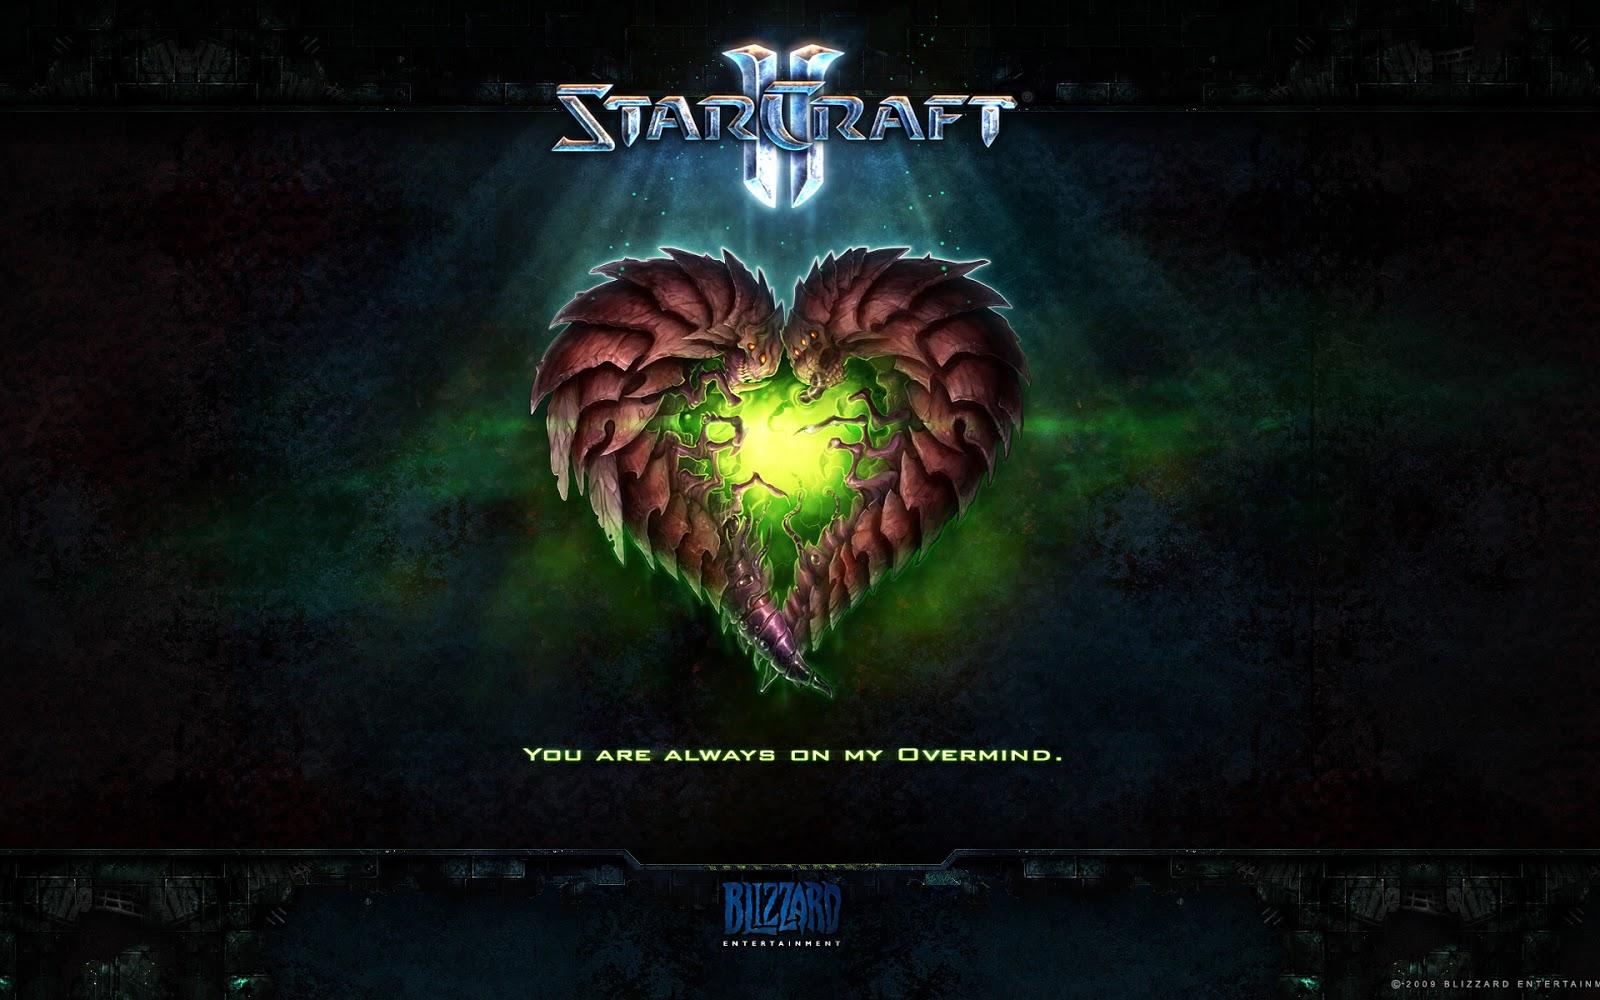 Hintergrundbilder Hd Starcraft 2 Pc Spiele